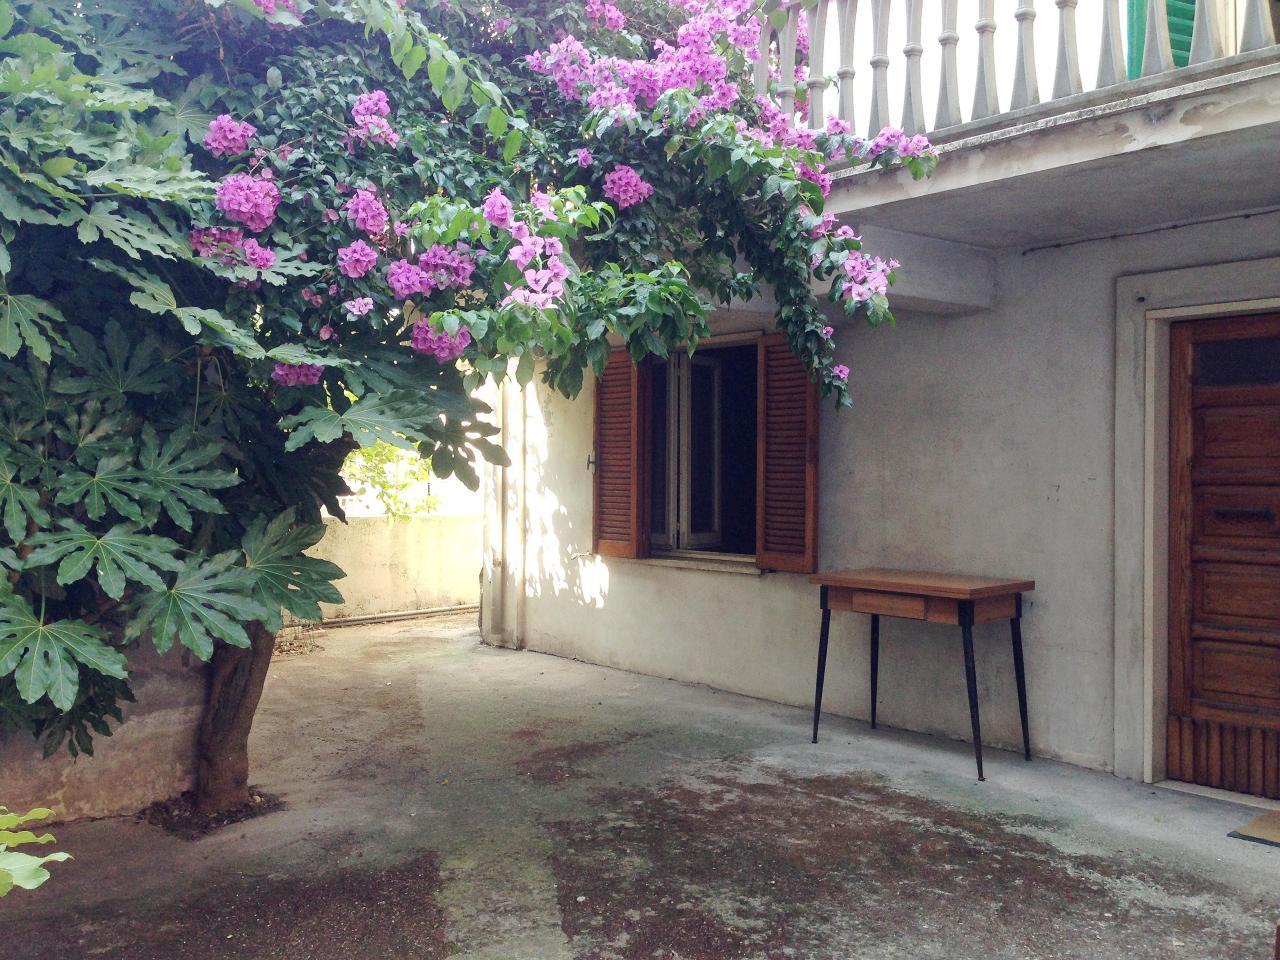 Soluzione Indipendente in vendita a Martinsicuro, 9 locali, prezzo € 98.000 | Cambio Casa.it